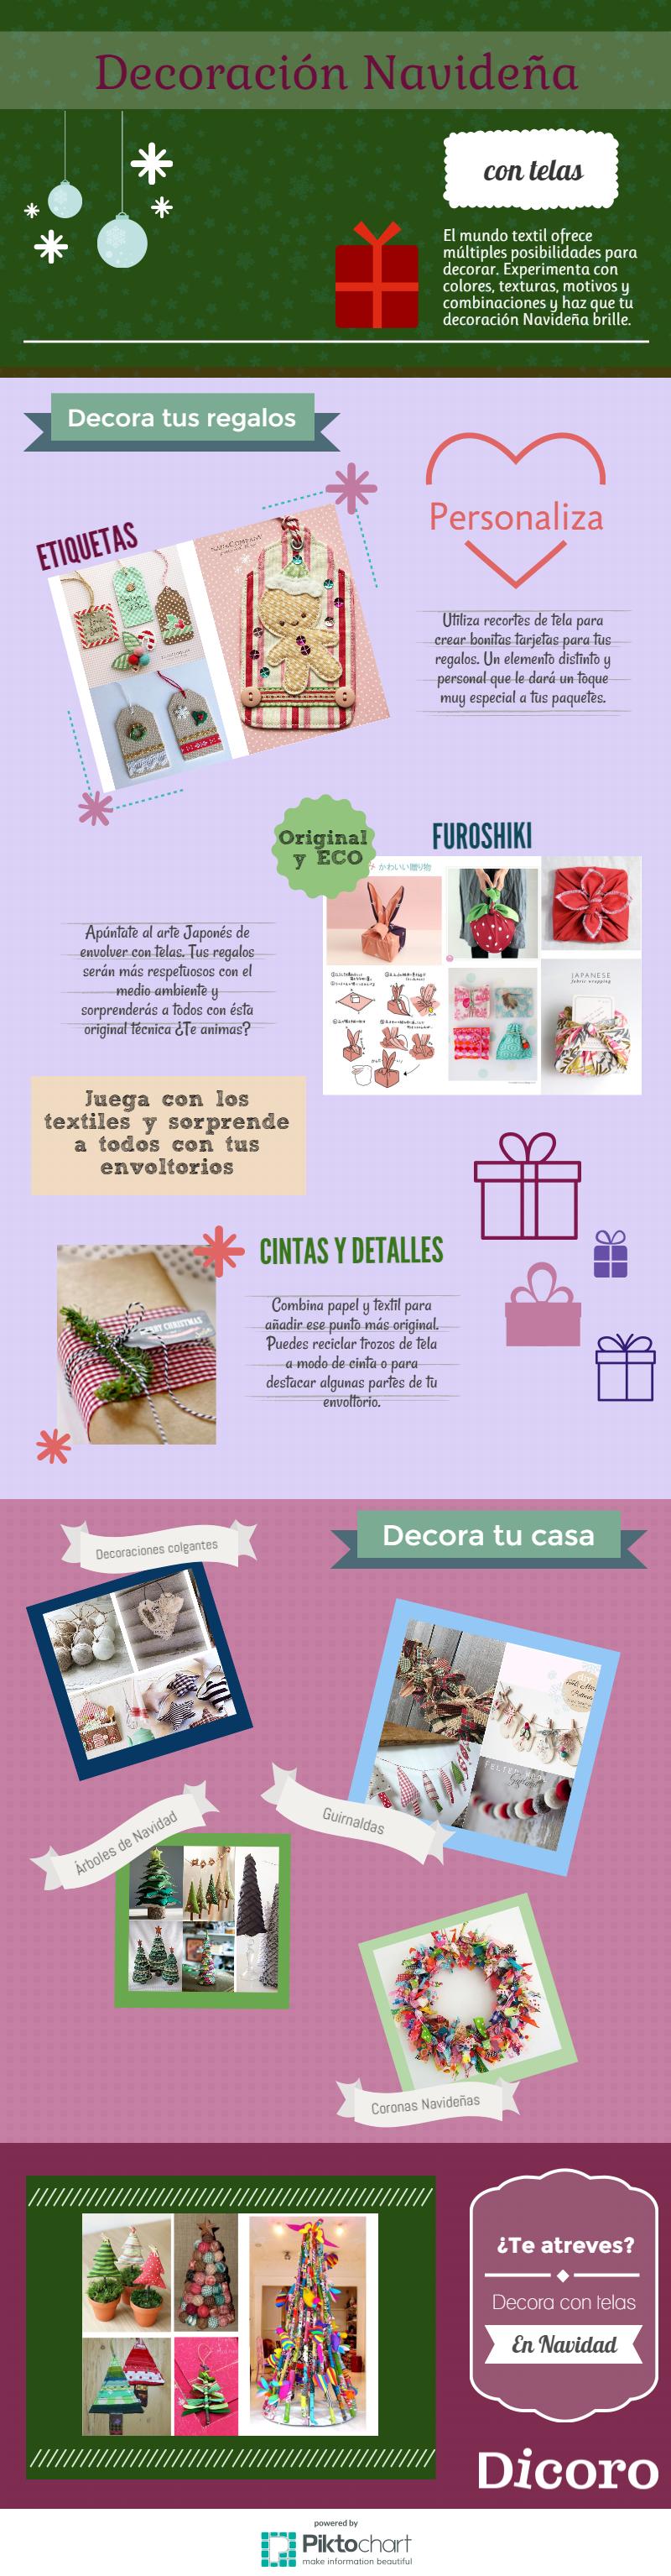 decoracion navideña con telas - infografía Dicoro